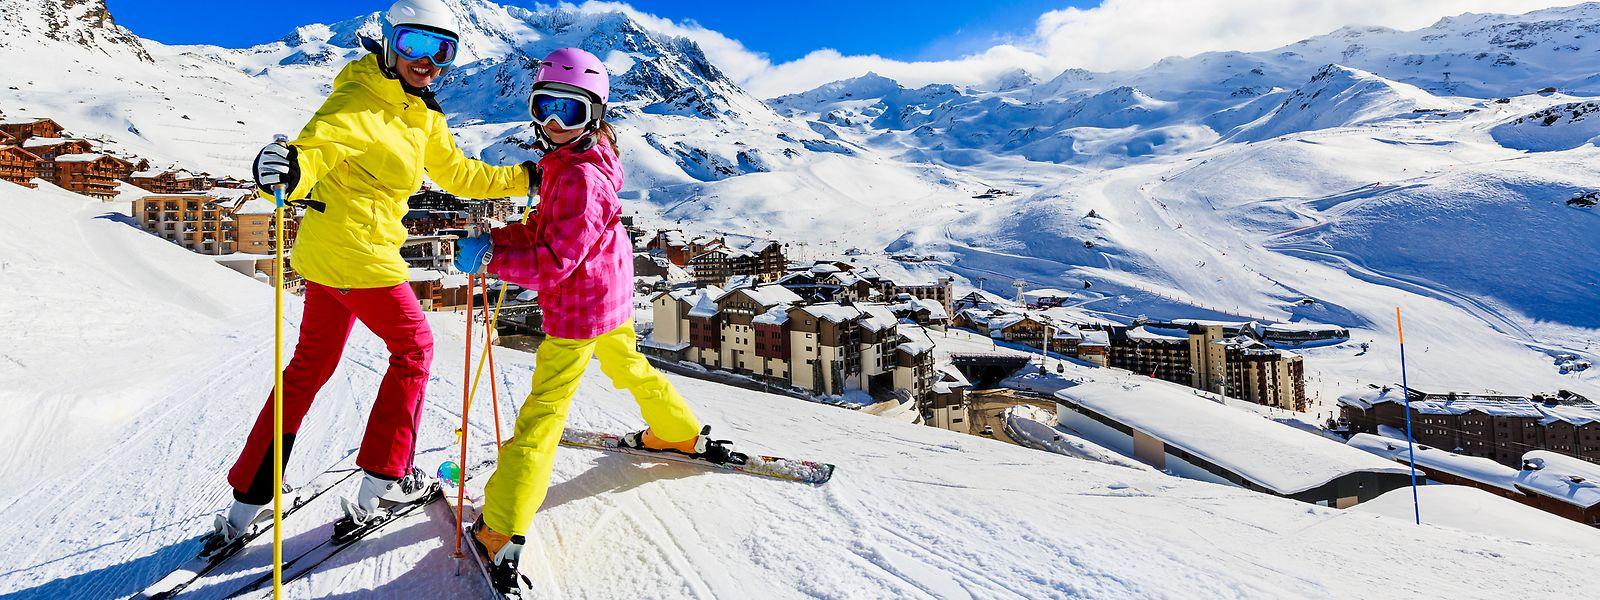 In Val Thorens können auch die Großen zu kleinen Preisen den Schnee genießen: Bei vierköpfigen Familien zahlen auch die Eltern nur den Kinderpreis (ab 168 Euro für sechs Tage).